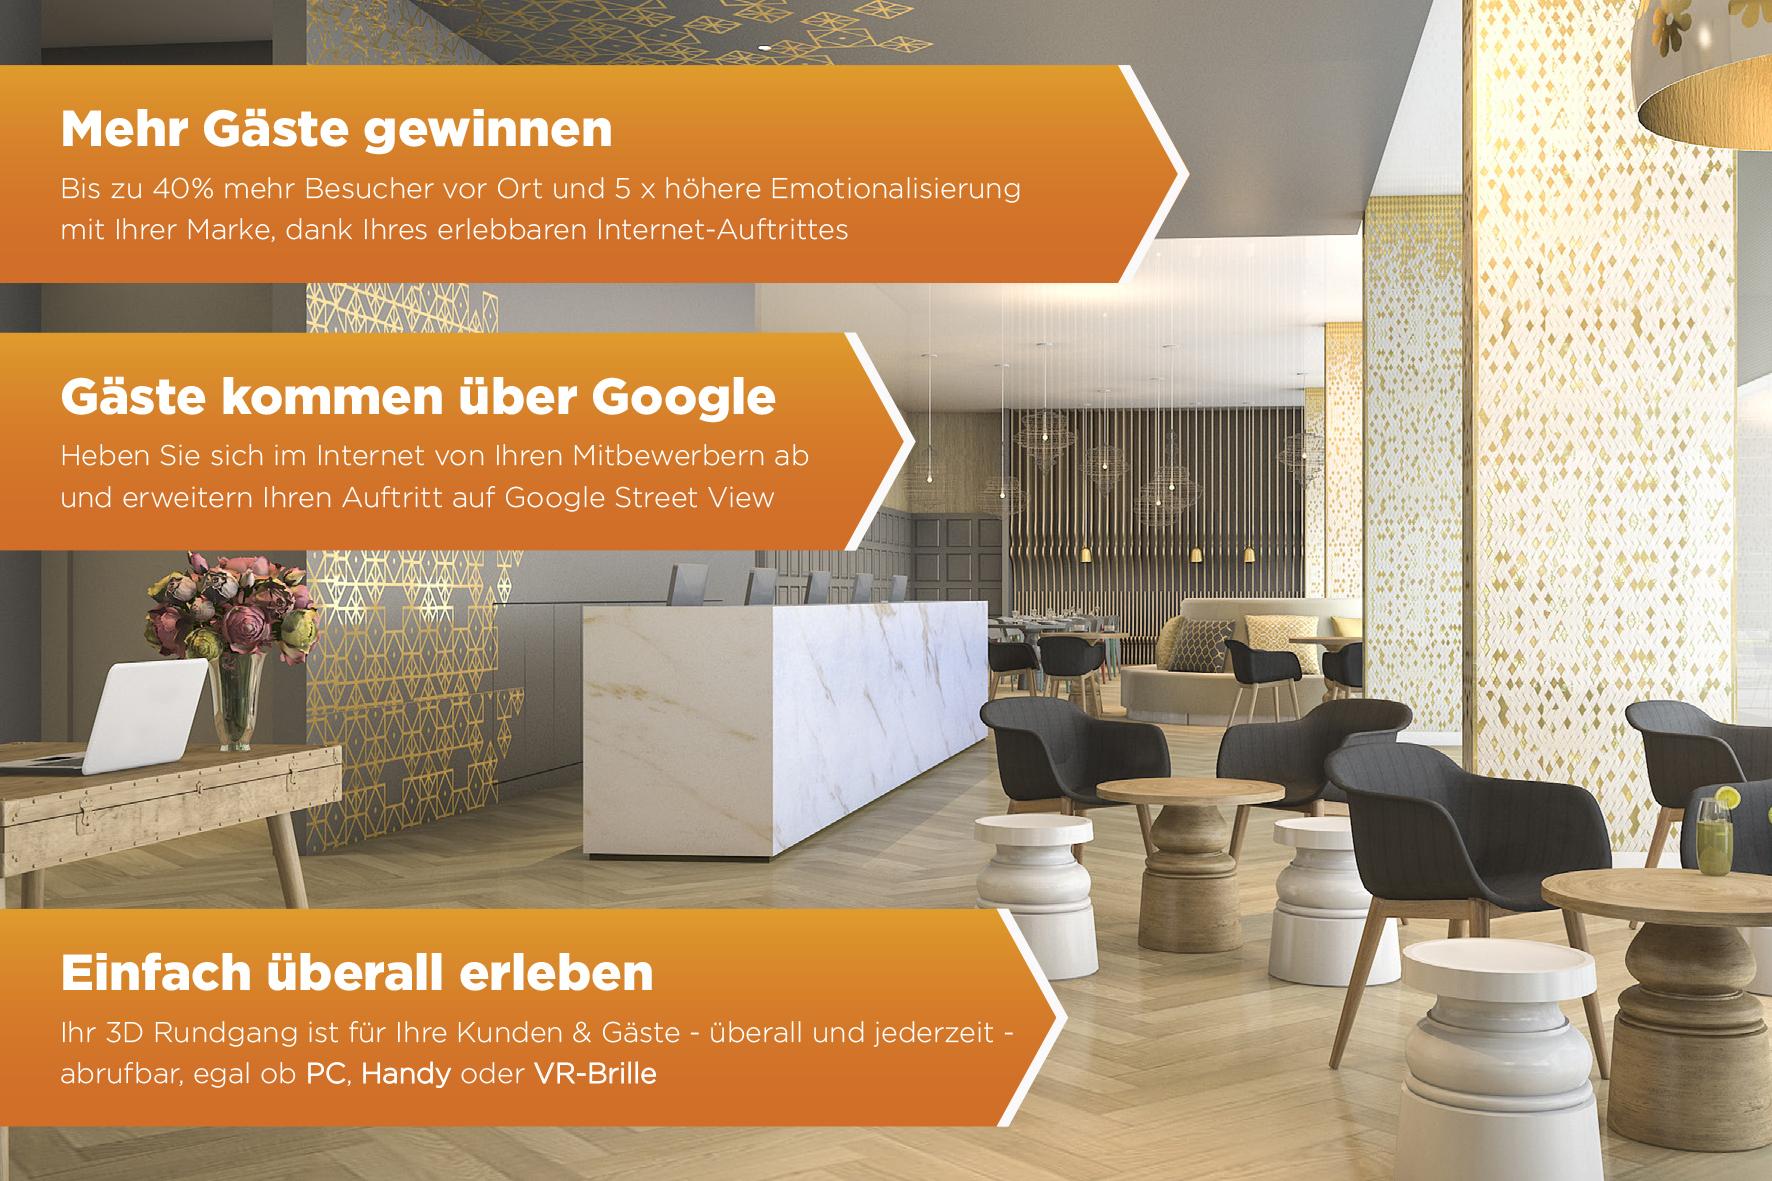 Ihr Hotel in der digitalen modernen Zielgruppe